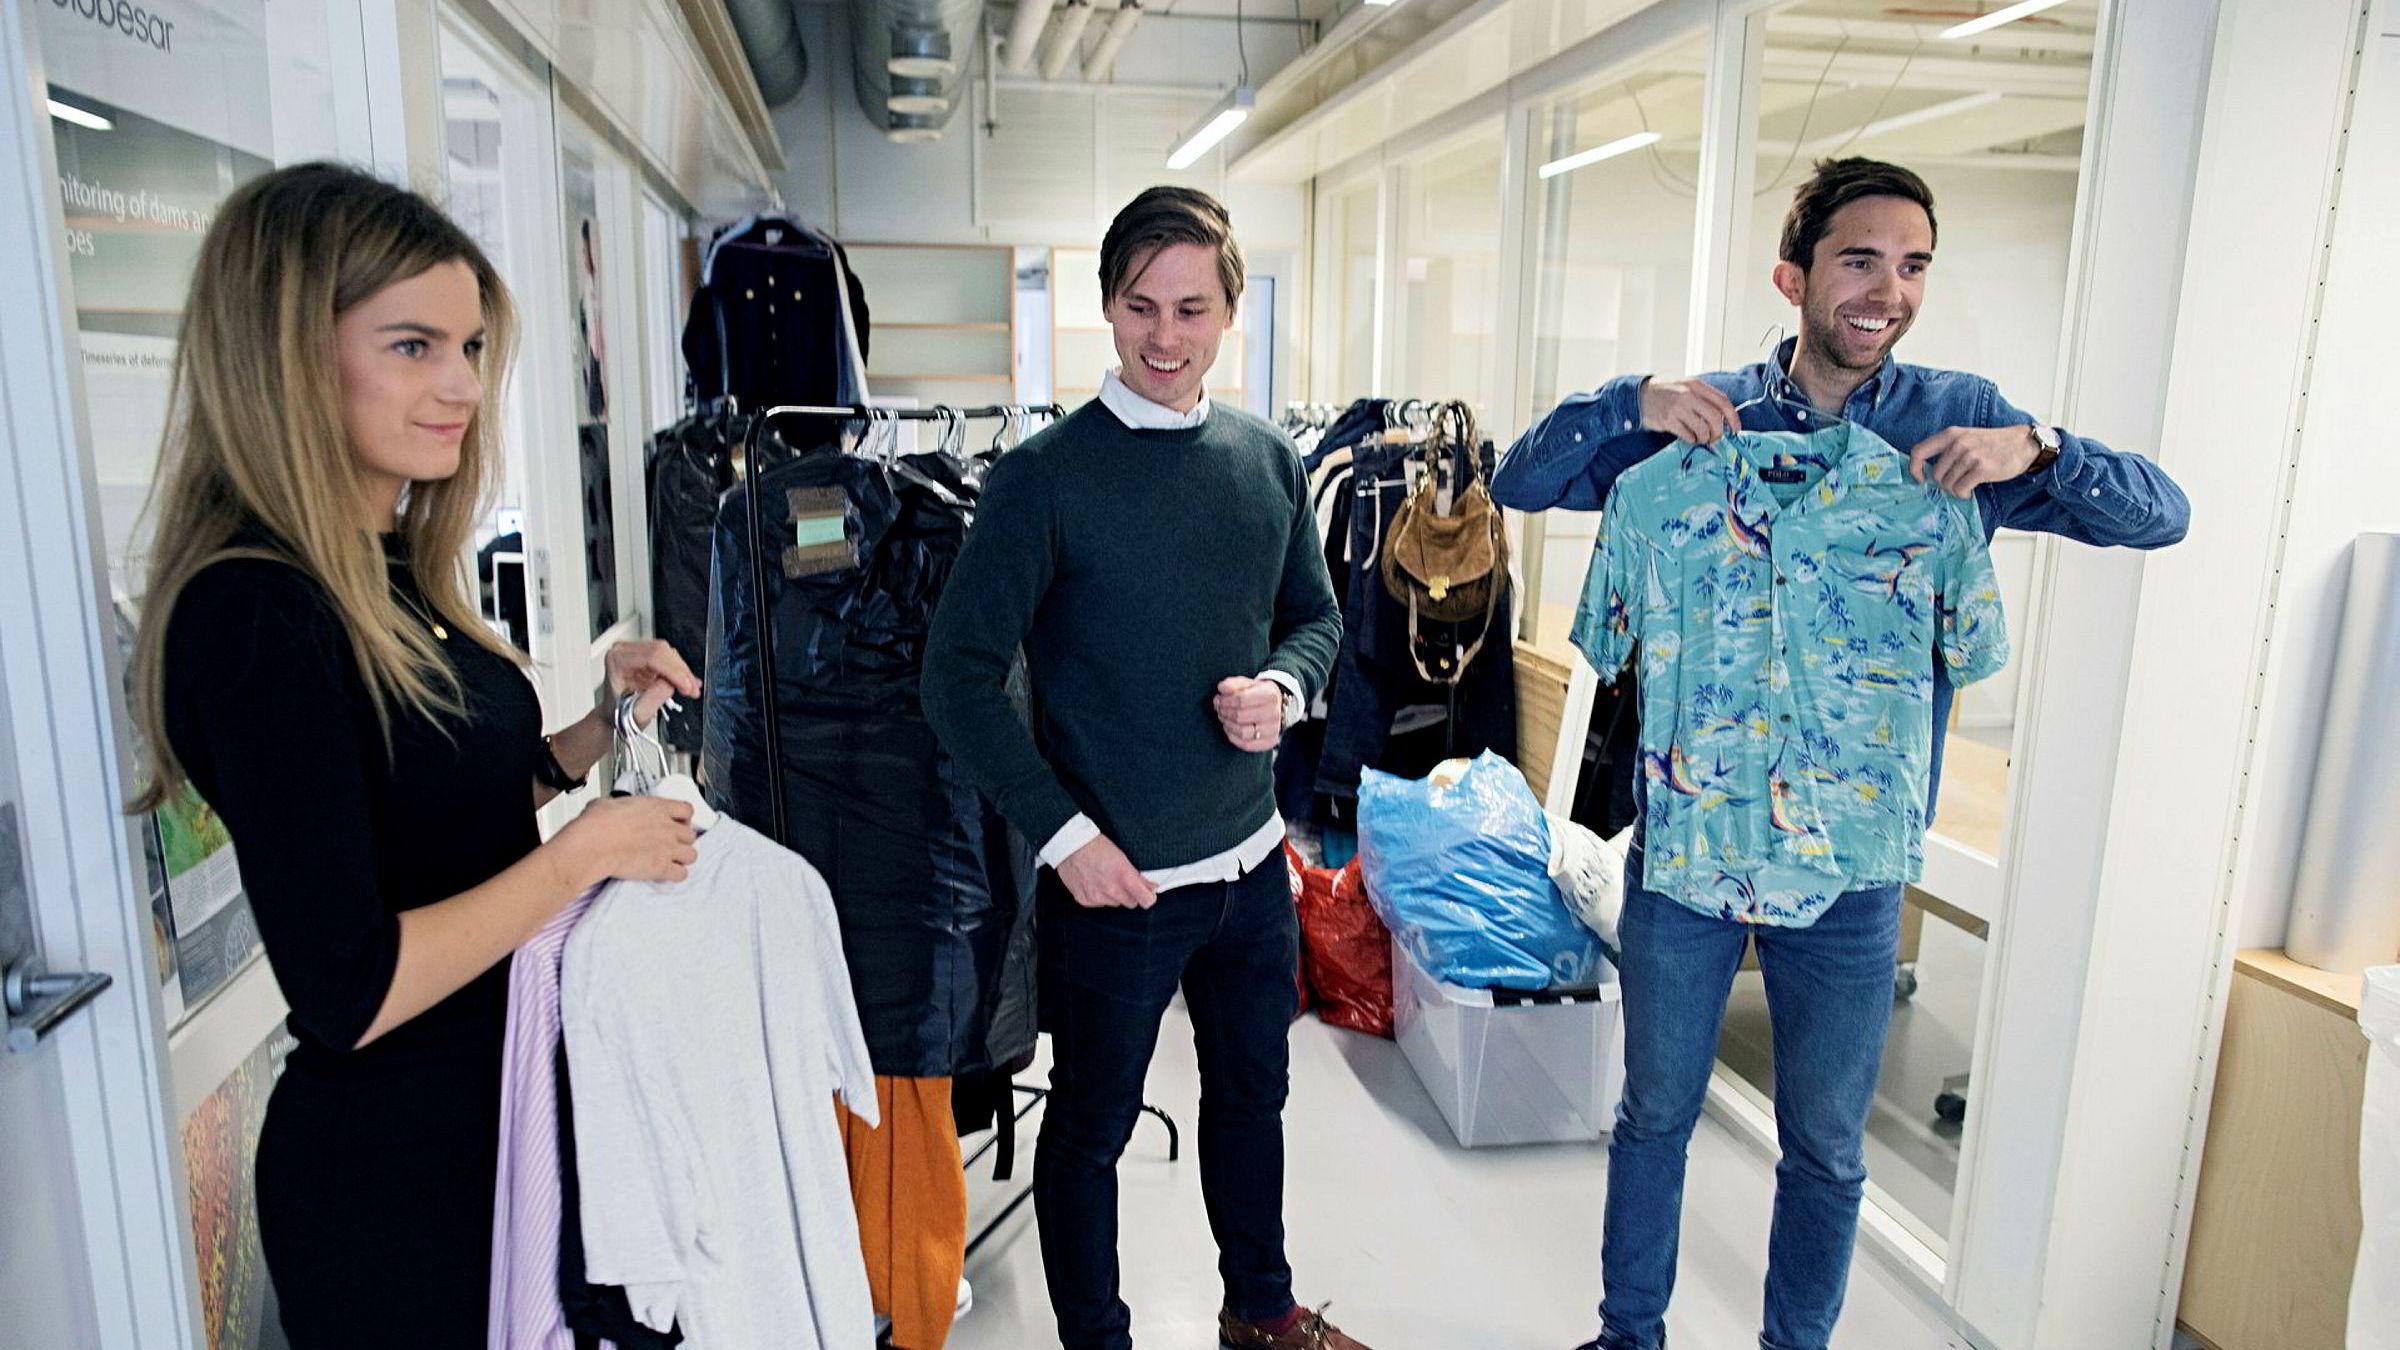 Karoline Gjermundsen (fra venstre), Axel Franck Næss og Eirik Rime i Tise viser frem klærne som «Skam»-kjendis Thomas Hayes skal legge ut for salg i mobilappen. Snart flytter de fra kontoret på StartUpLab i Oslo og inn i nye lokaler. Foto: Øyvind Elvsborg